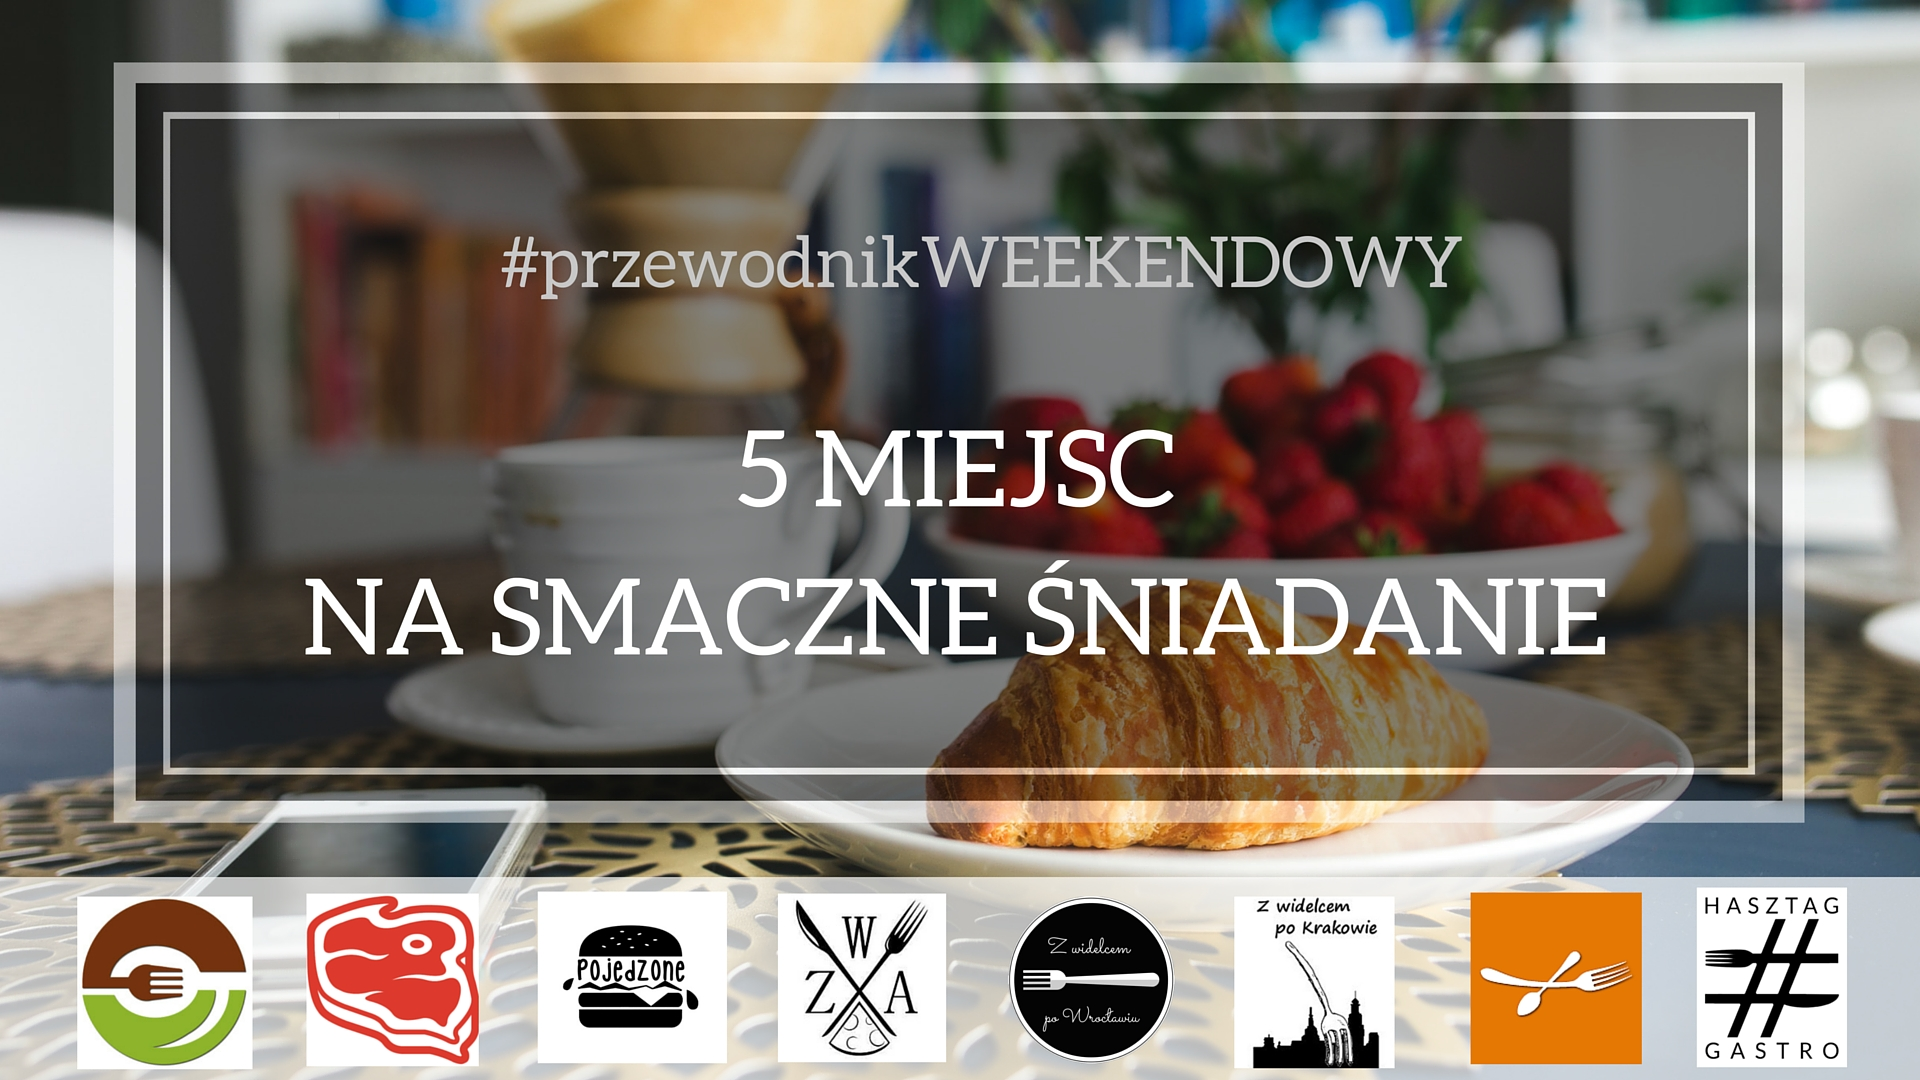 Kraków - śniadania - przewodnik weekendowy